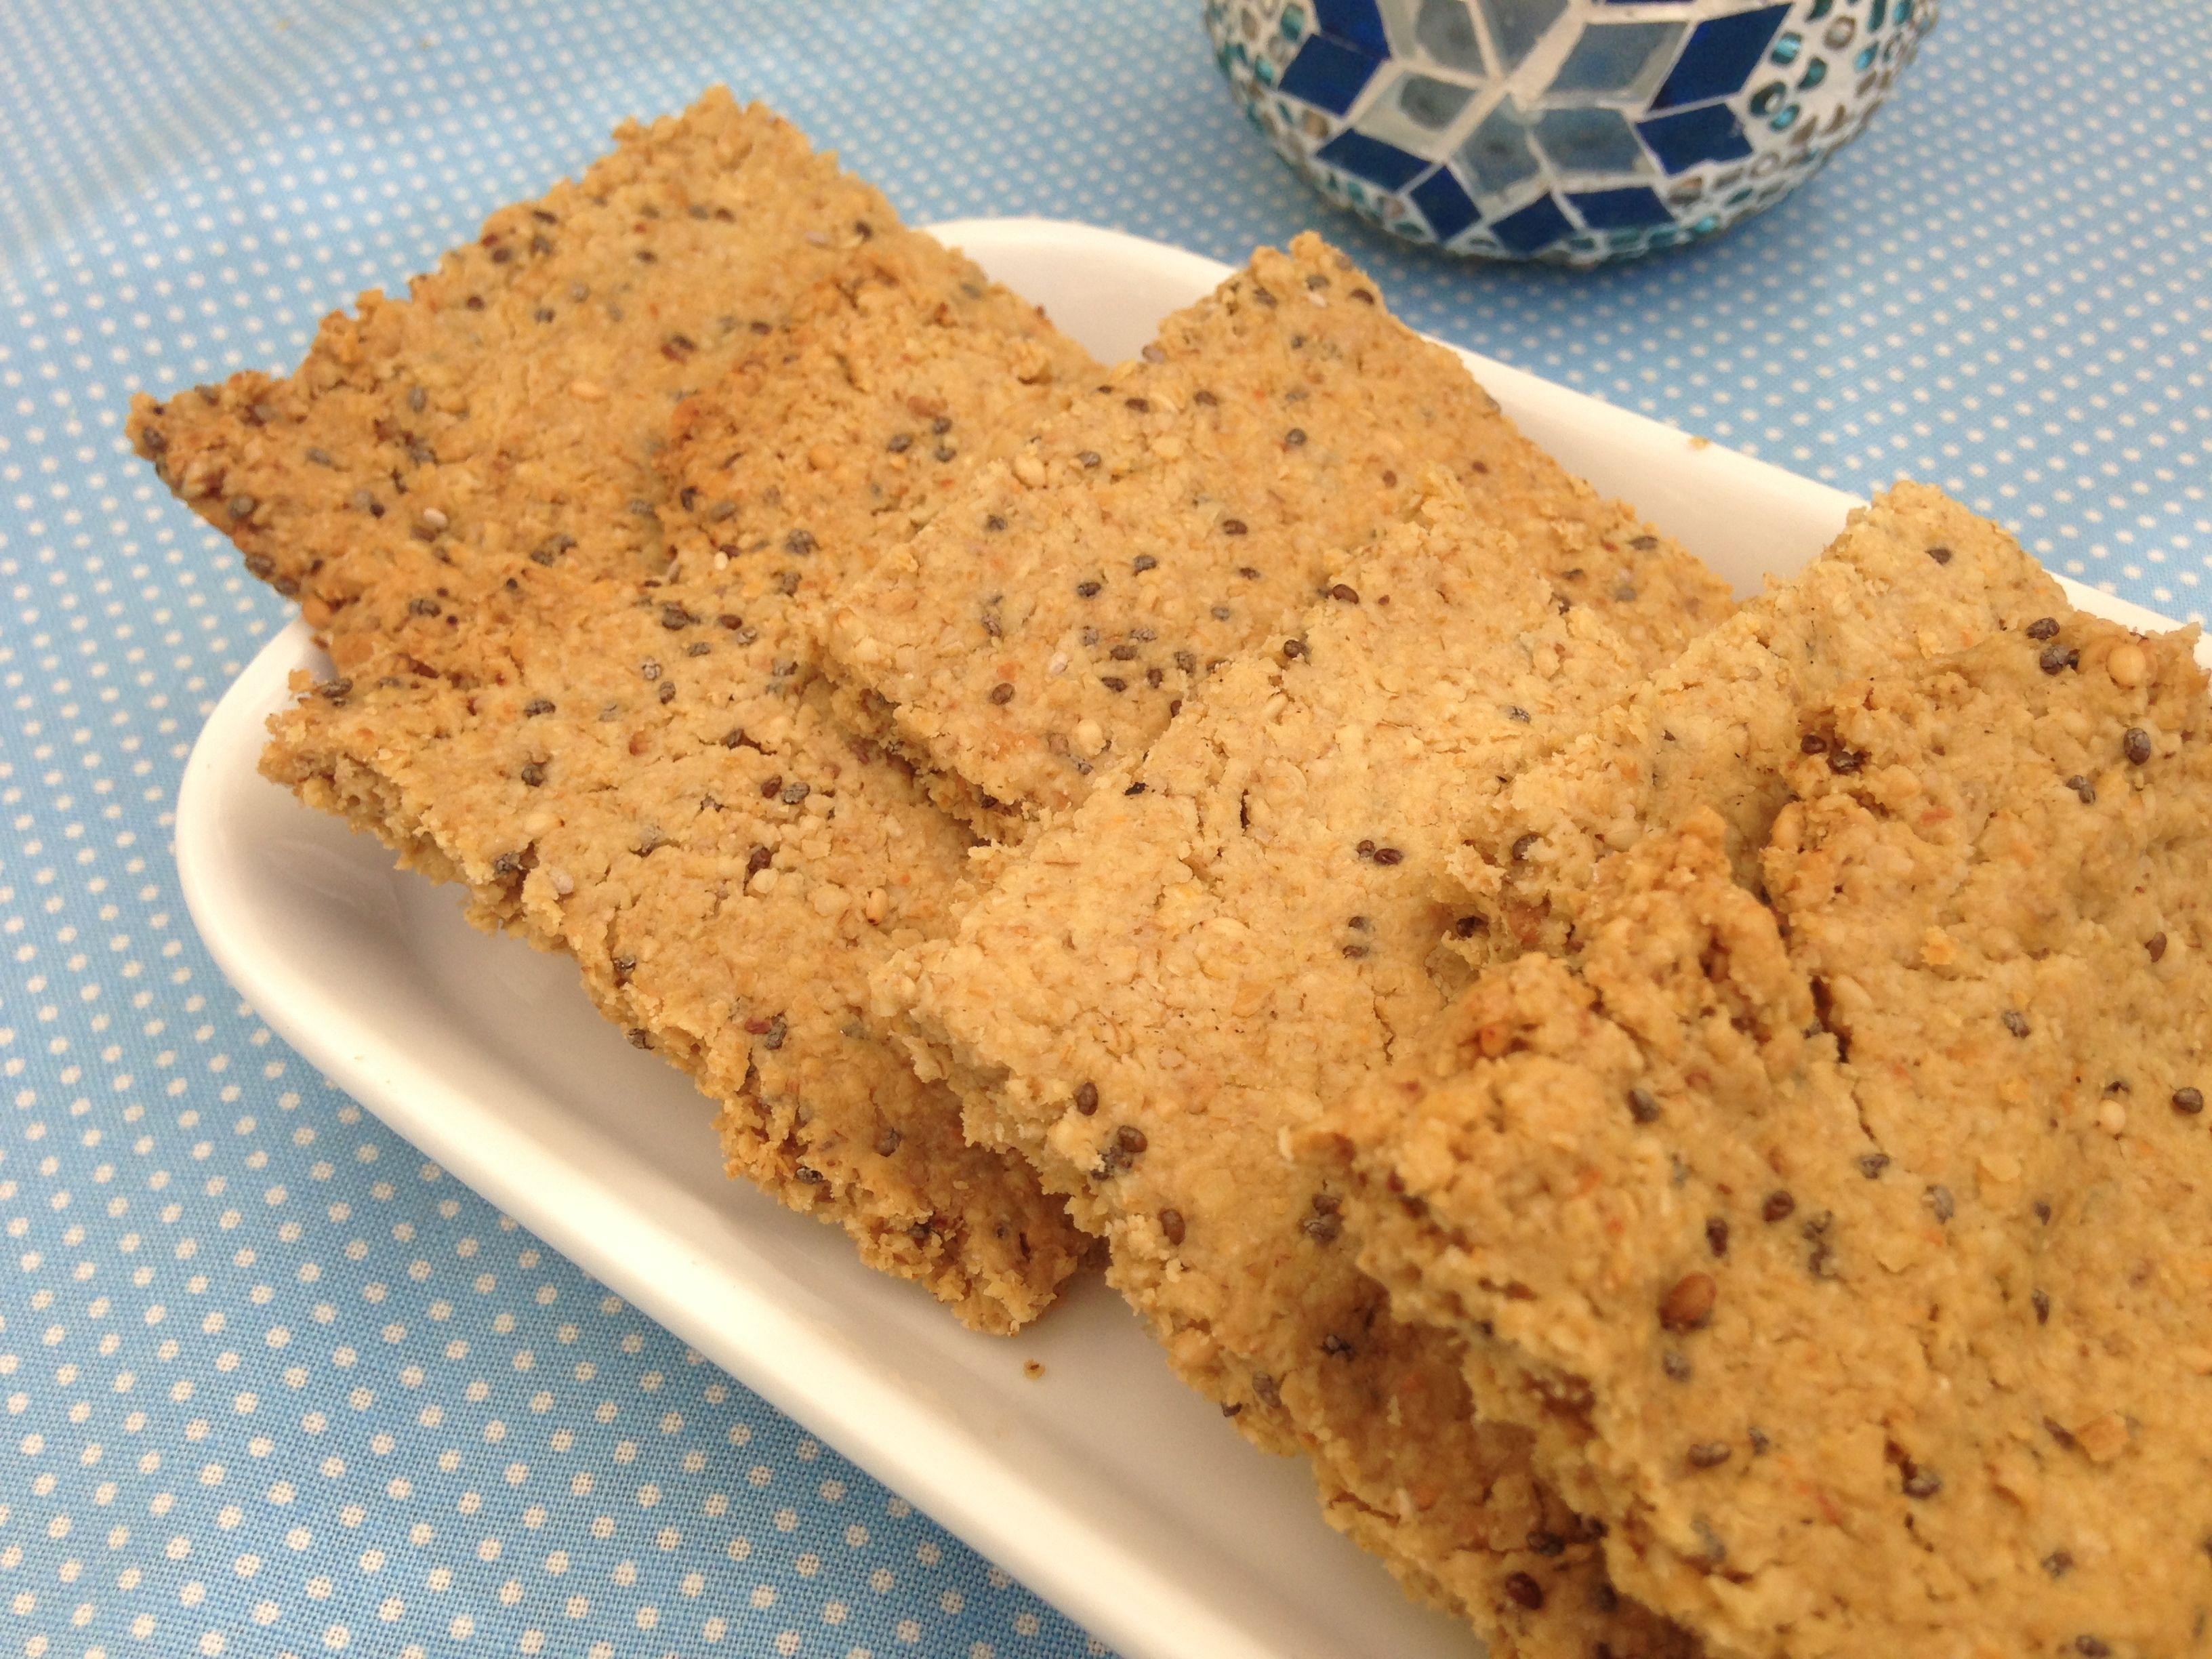 Receta de galletas saladas de avena con aceite de oliva y semillas. Usamos semillas de sésamo y semillas de chia. Un snack sano y rico.  IMPULSOR: POLVO DE HORNEAR O LEVADURA